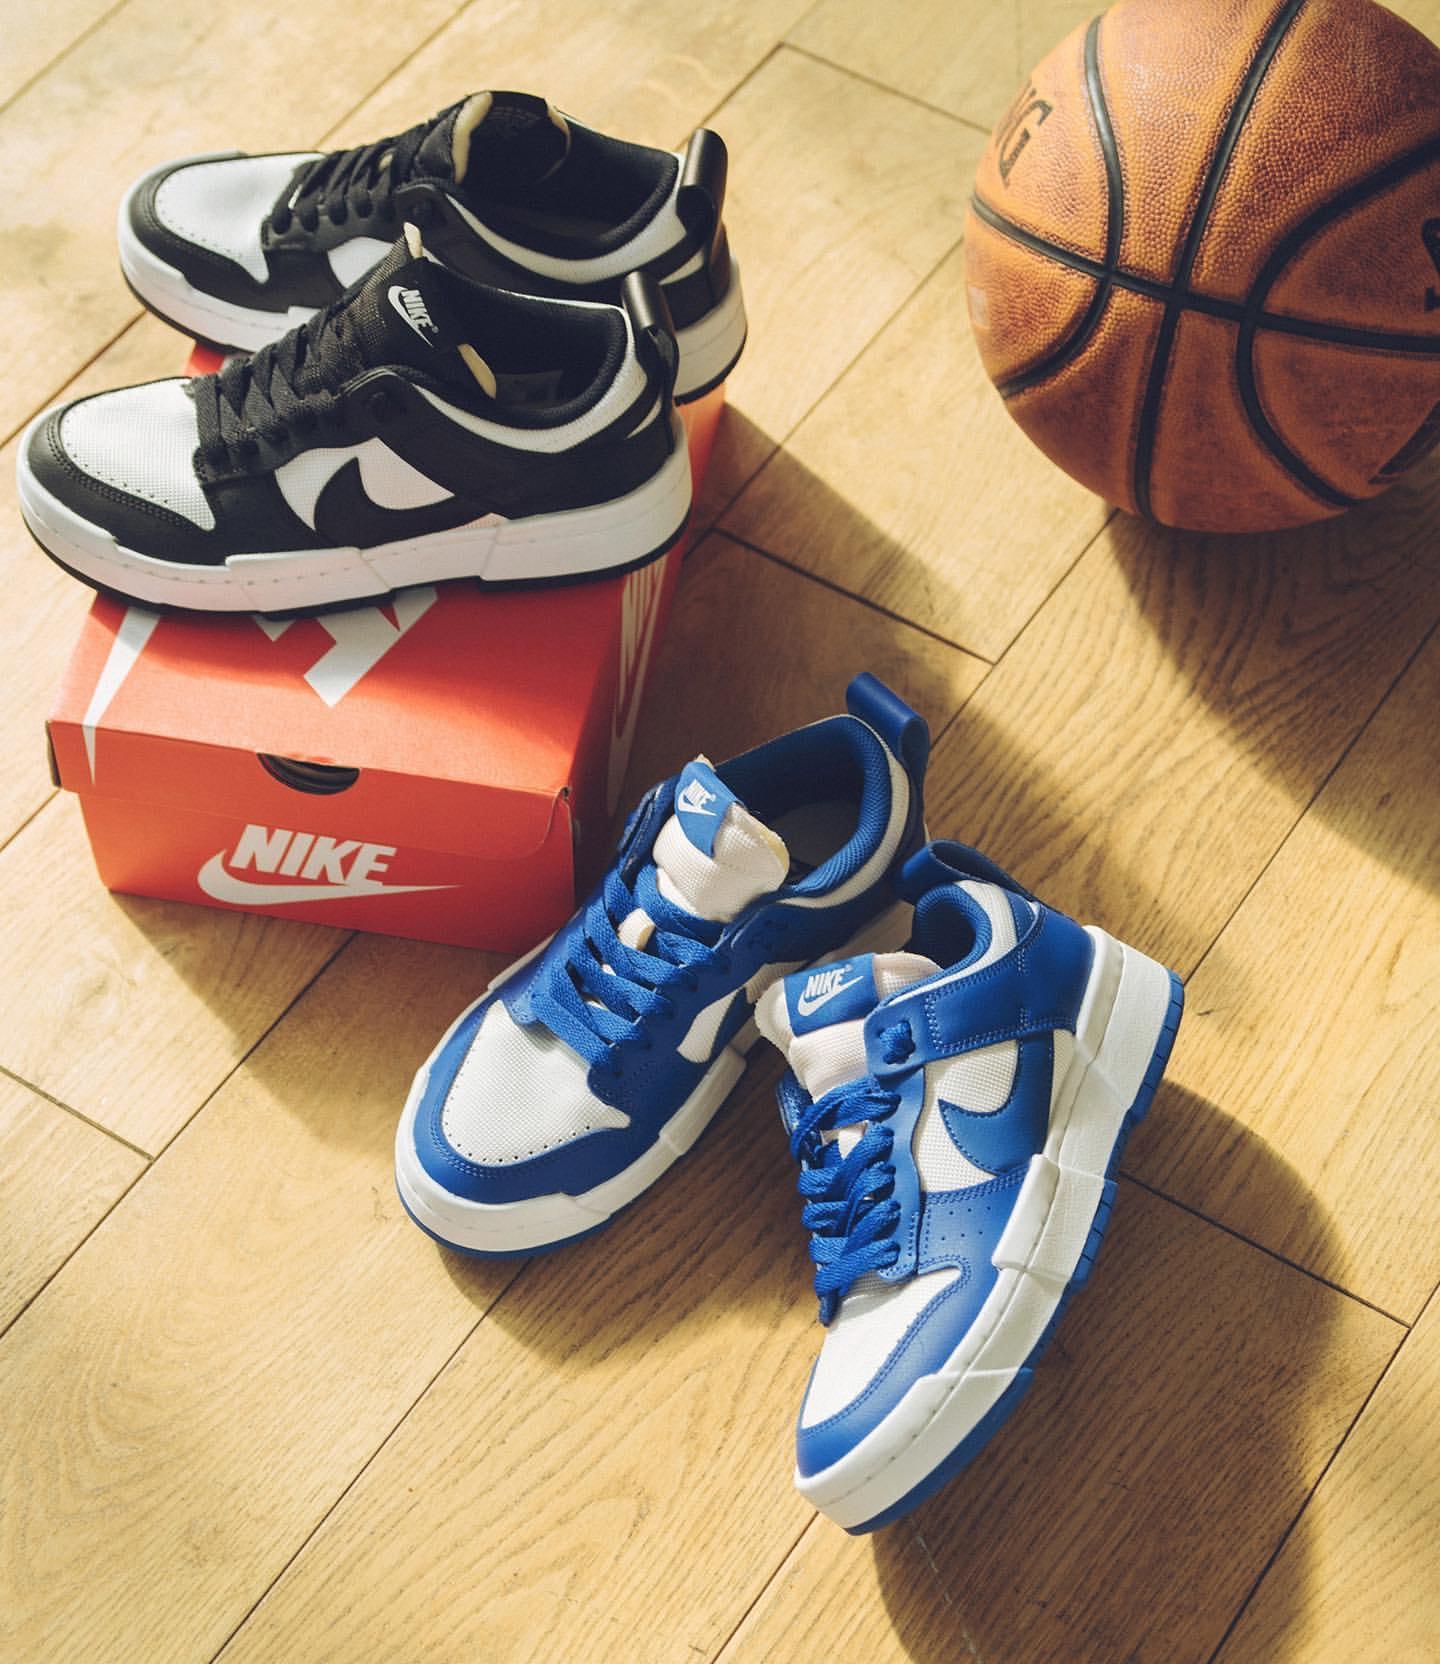 Nike WMNS Dunk Low Disrupt ナイキ ダンク ロー ディスラプト CK6654-100 CK6654-102 black Game Royal main